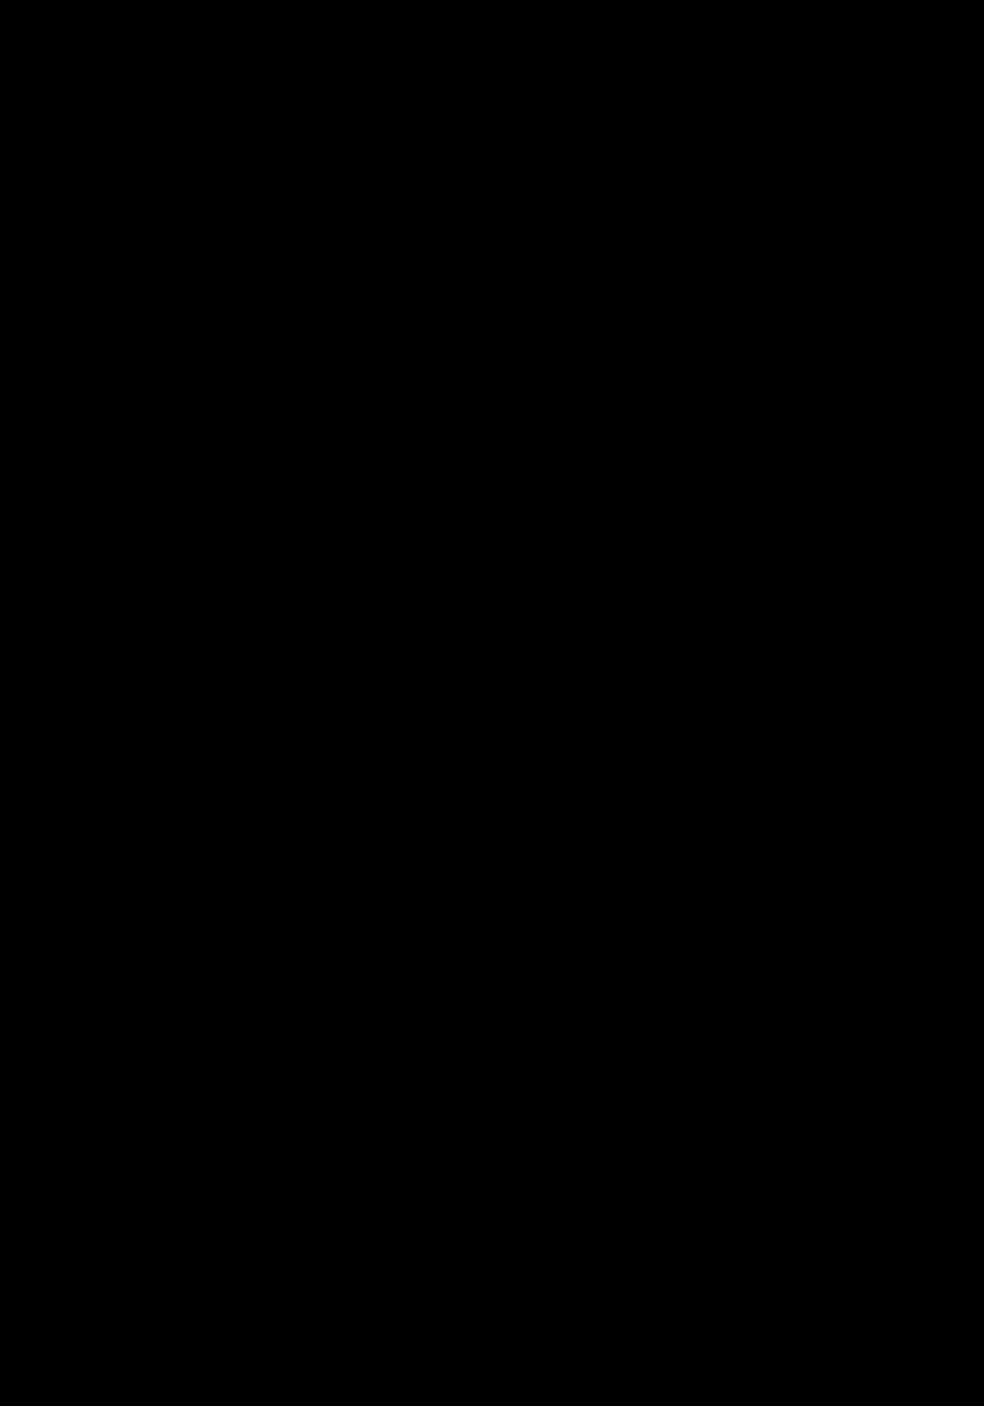 ファン蘭 OS OSFN 縦組見本